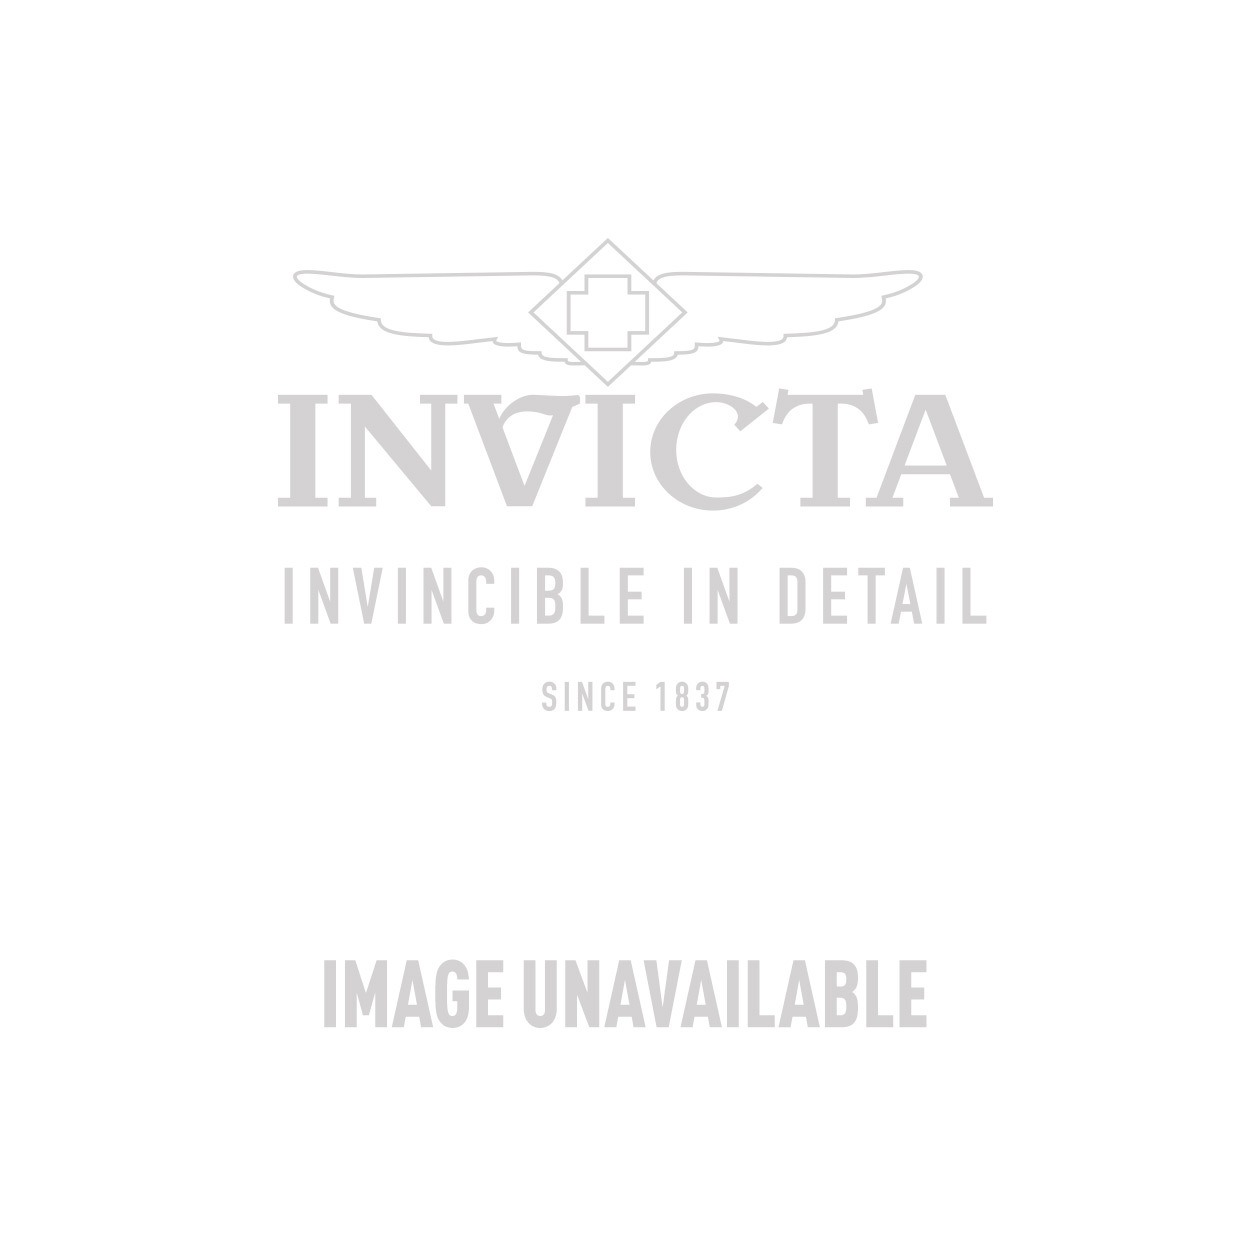 Invicta Model 27824